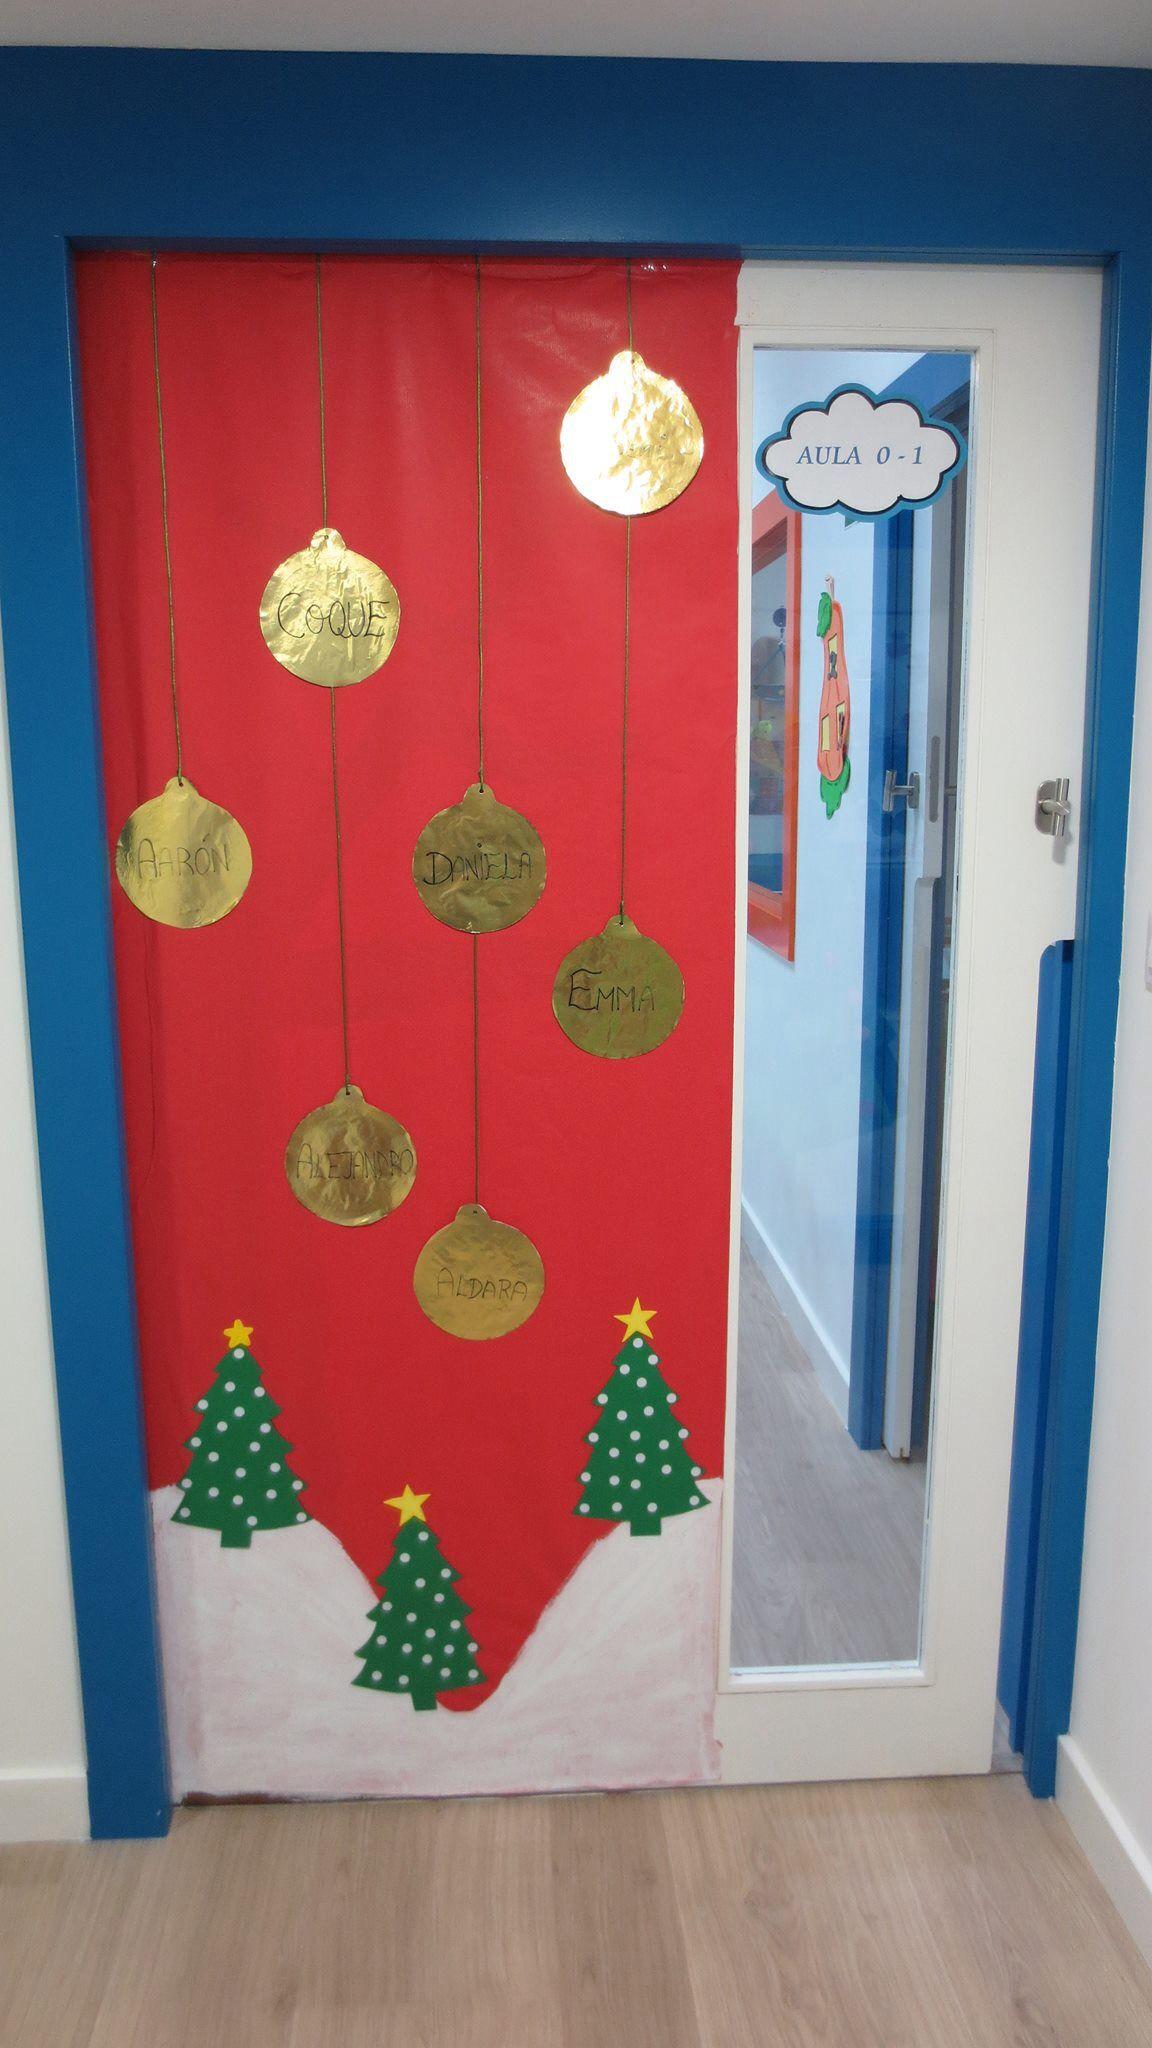 Puerta pinteres for Decoracion puertas navidad